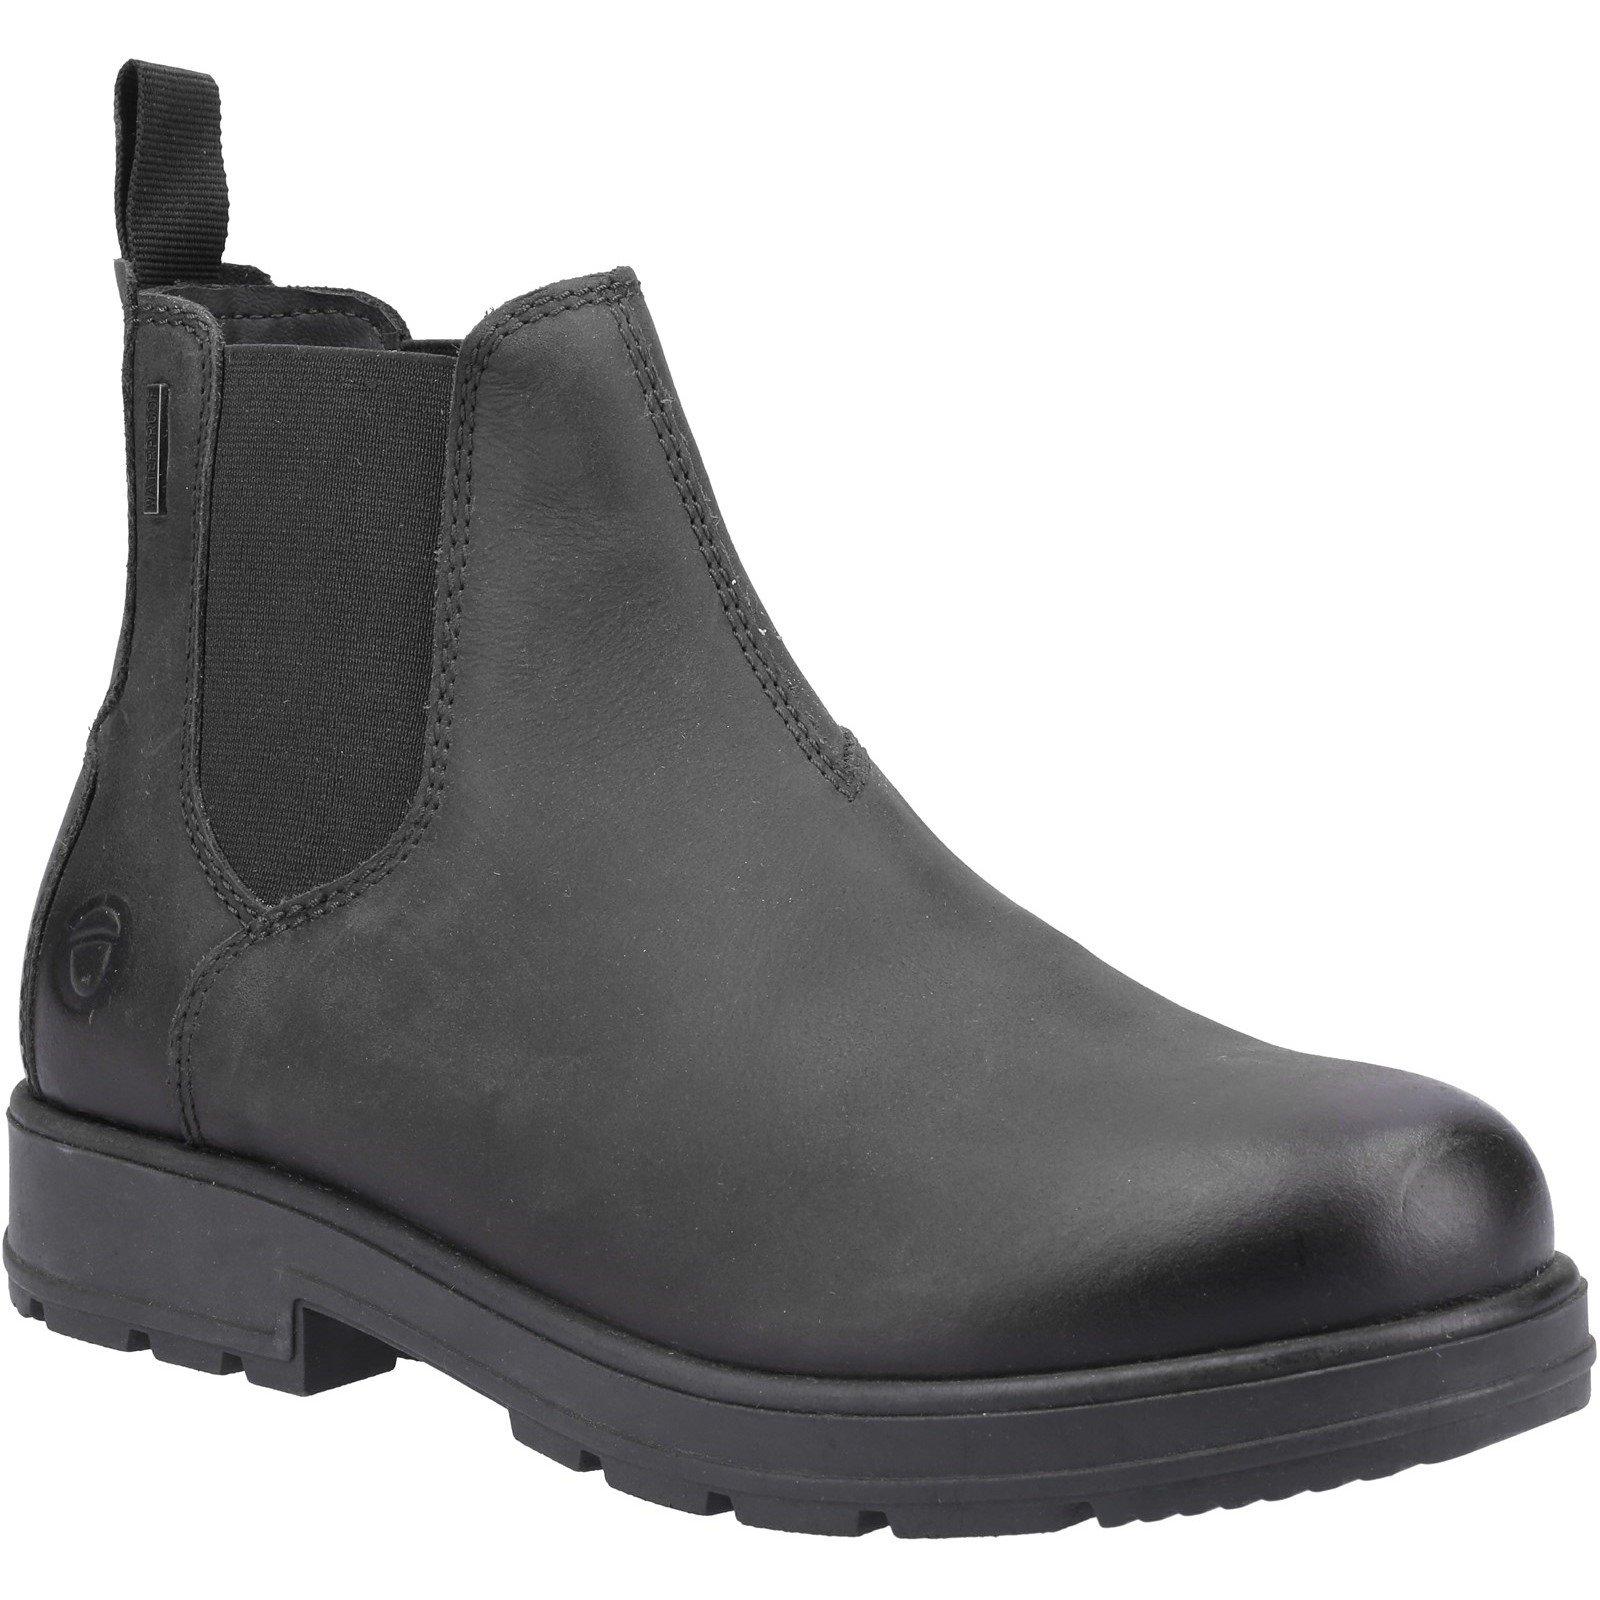 Cotswold Men's Farmington Boot Various Colours 32965 - Black 11